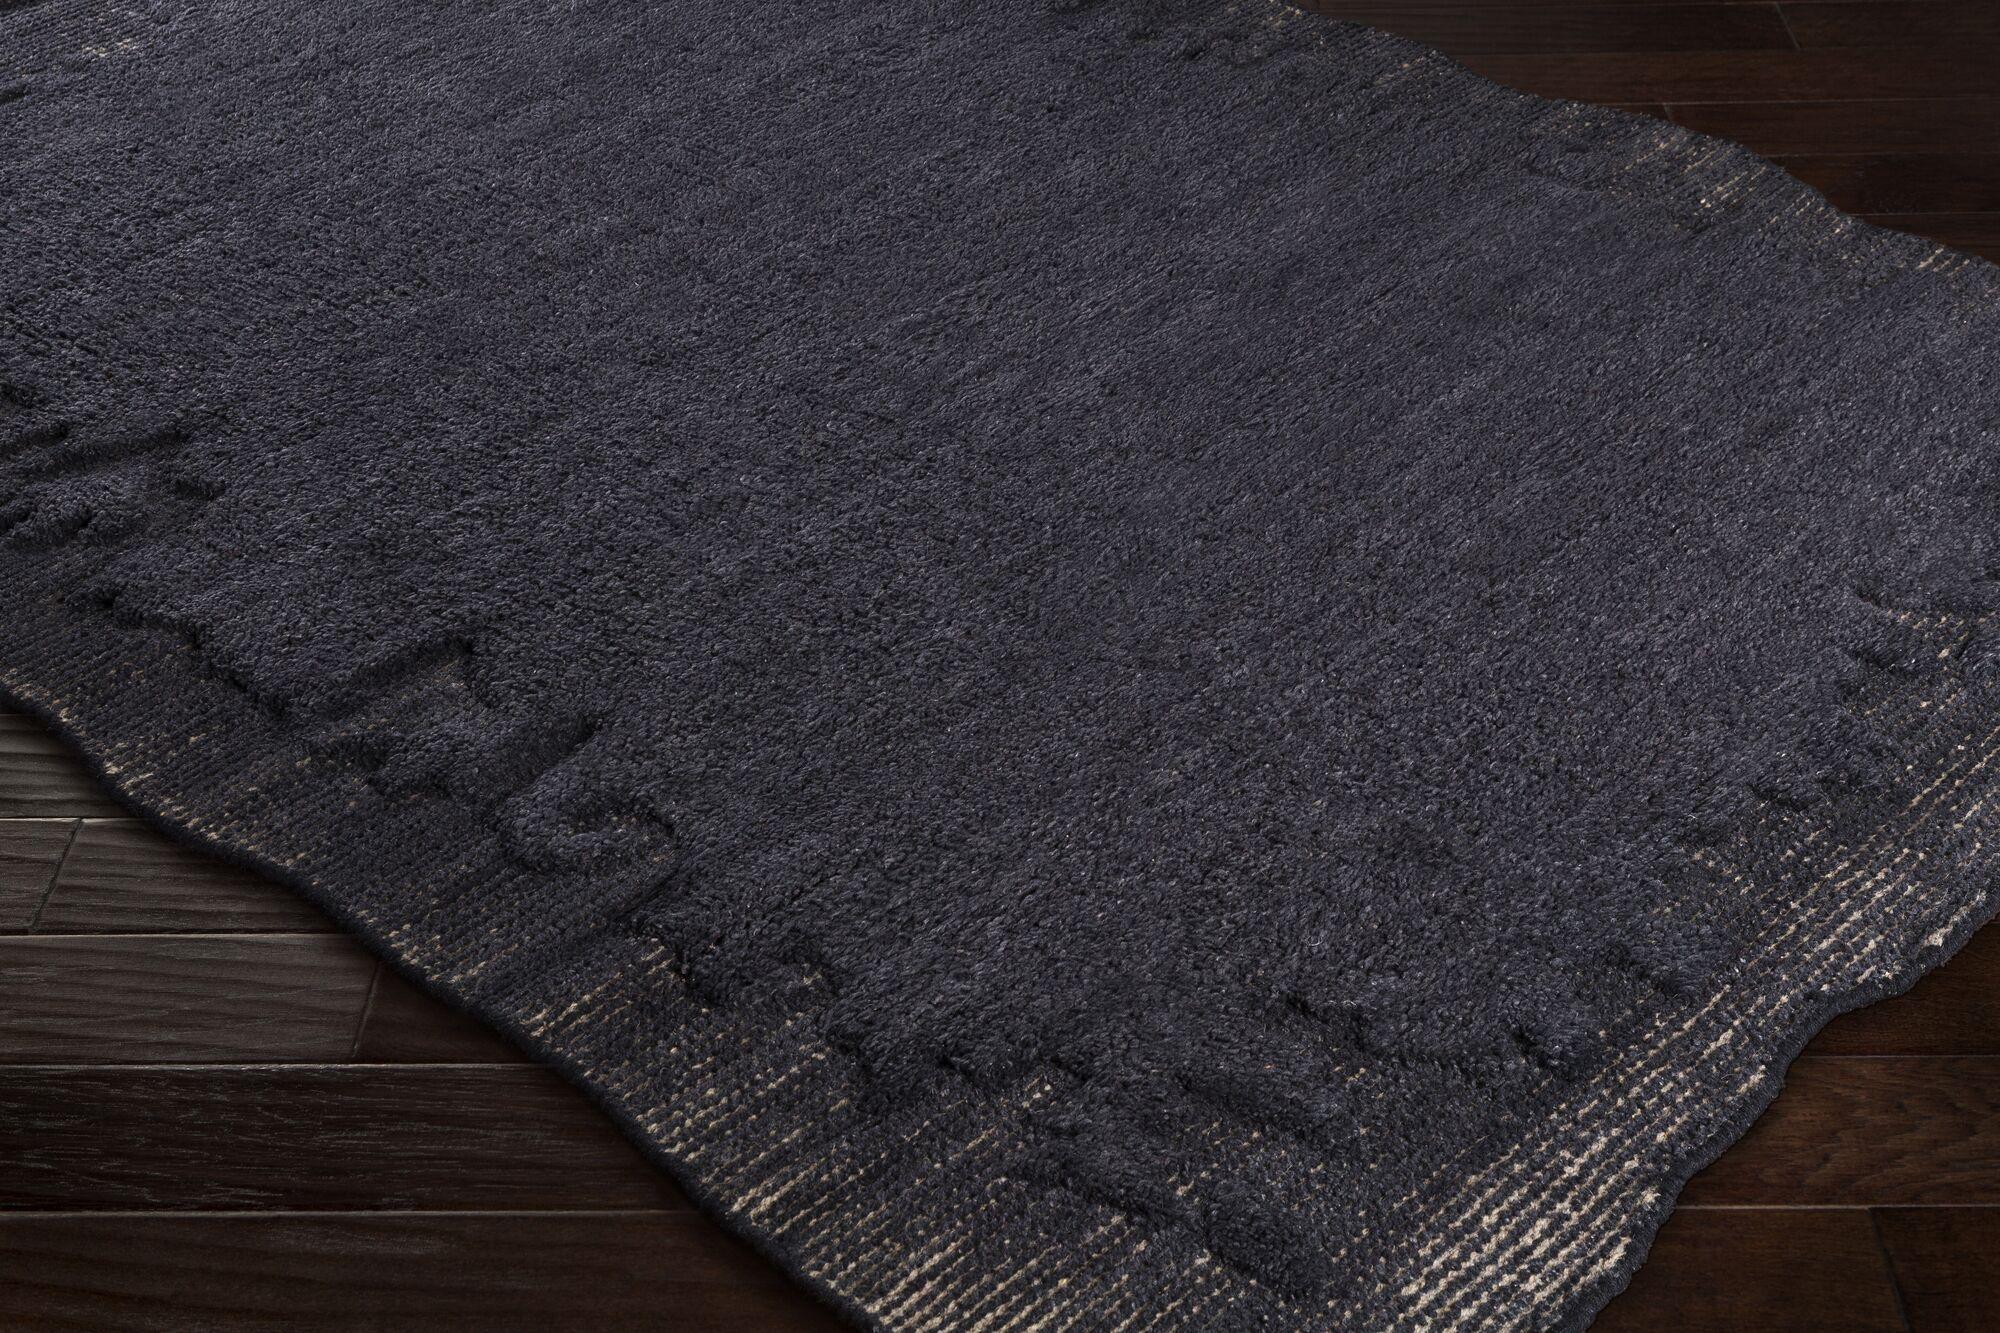 Celinda Hand-Woven Wool Black/Gray Area Rug Rug Size: Rectangle 2' x 3'